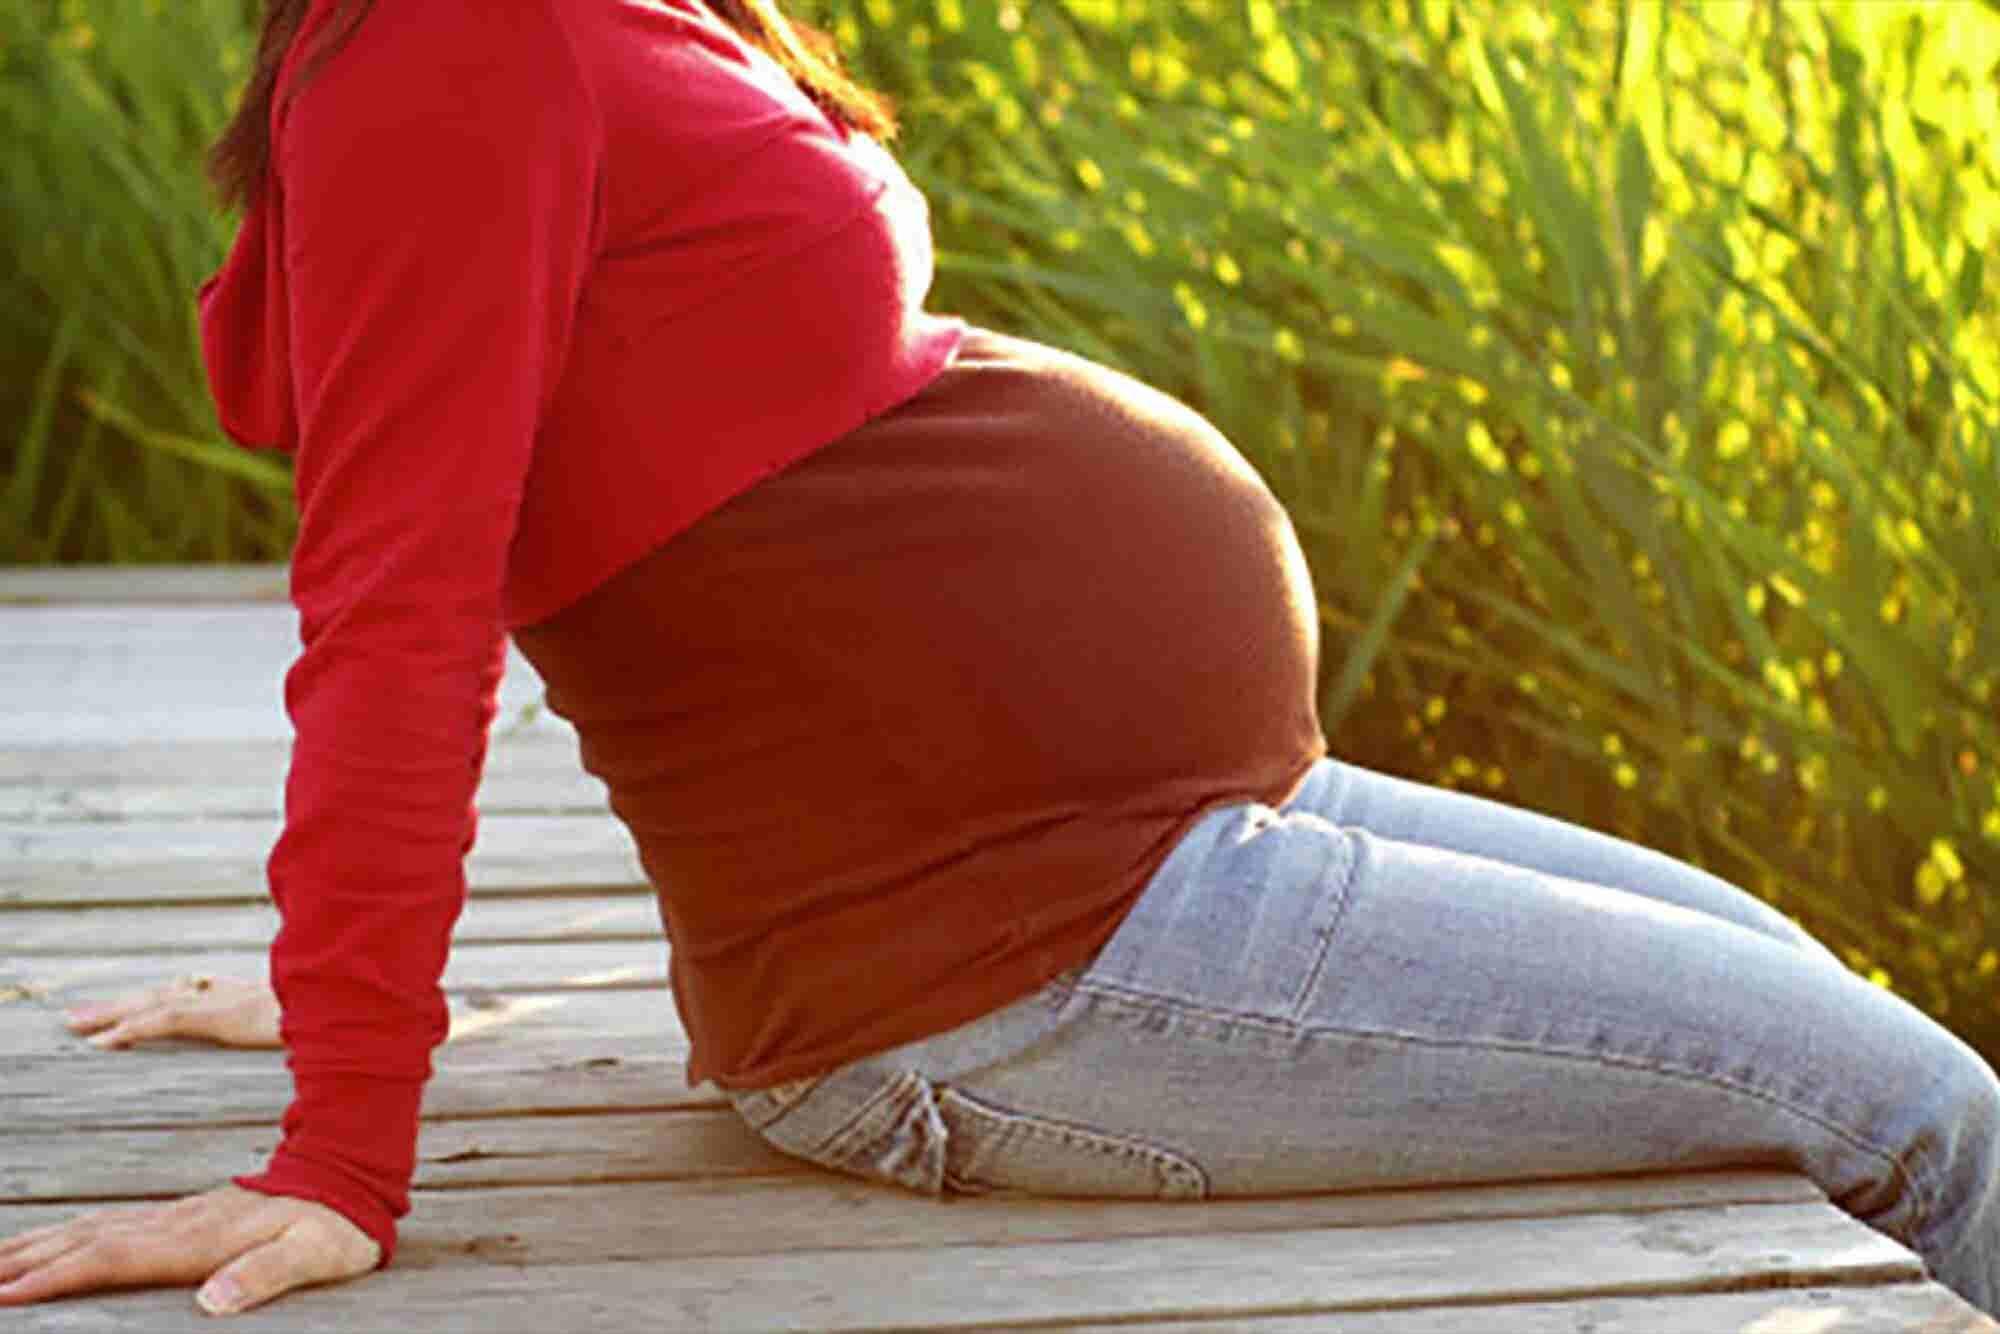 Renta de ropa para embarazadas